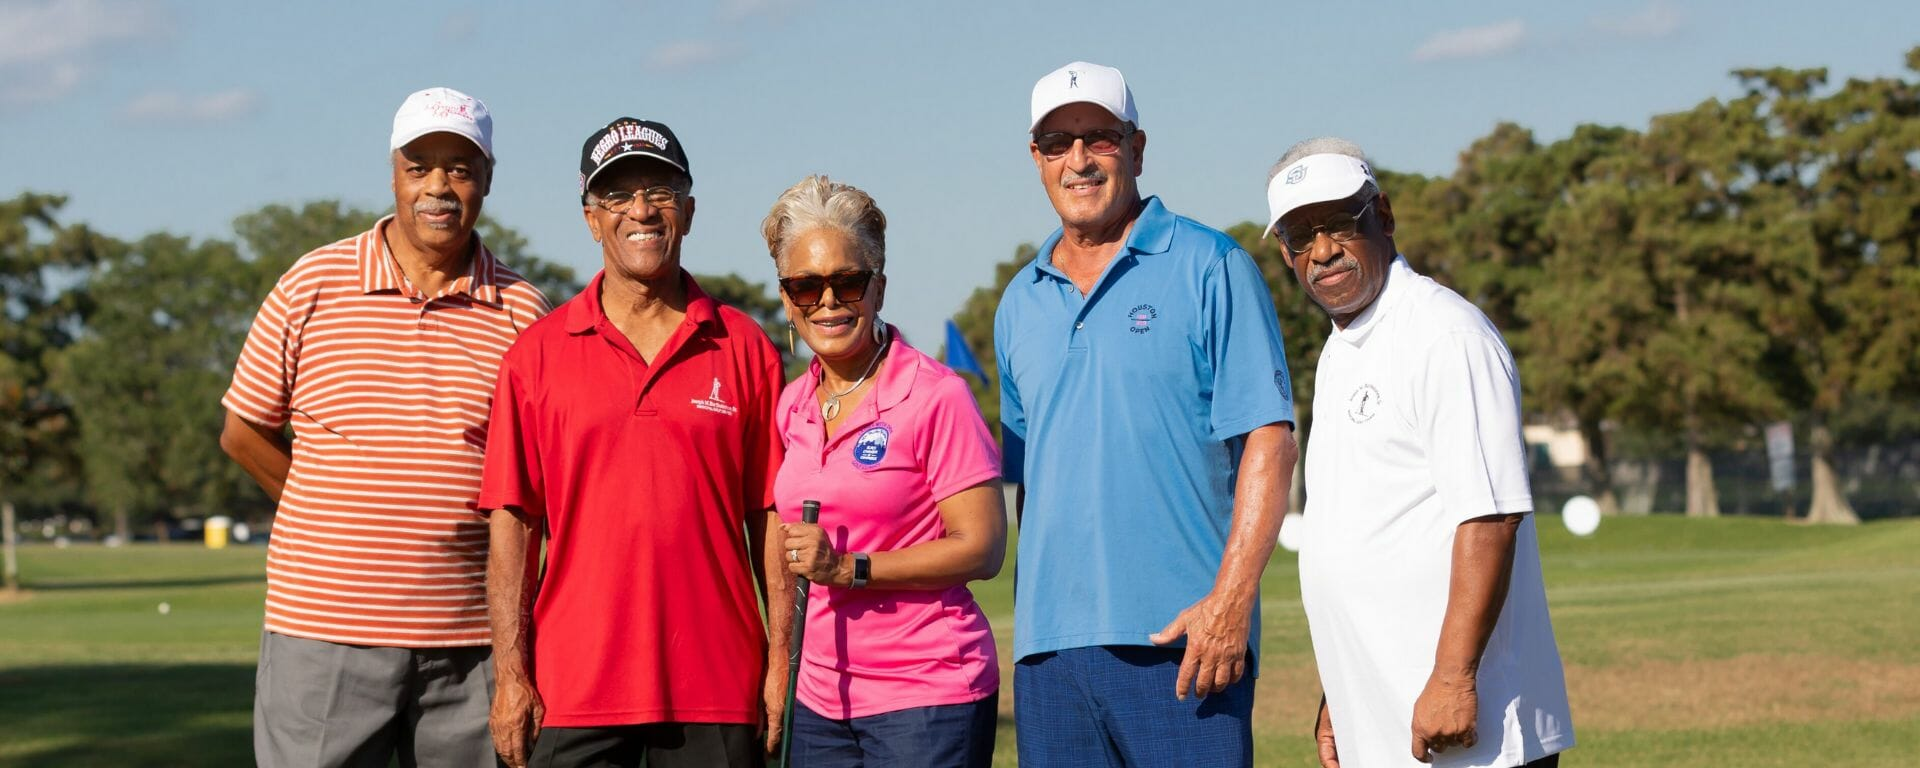 group smiling at camera at golf tournament